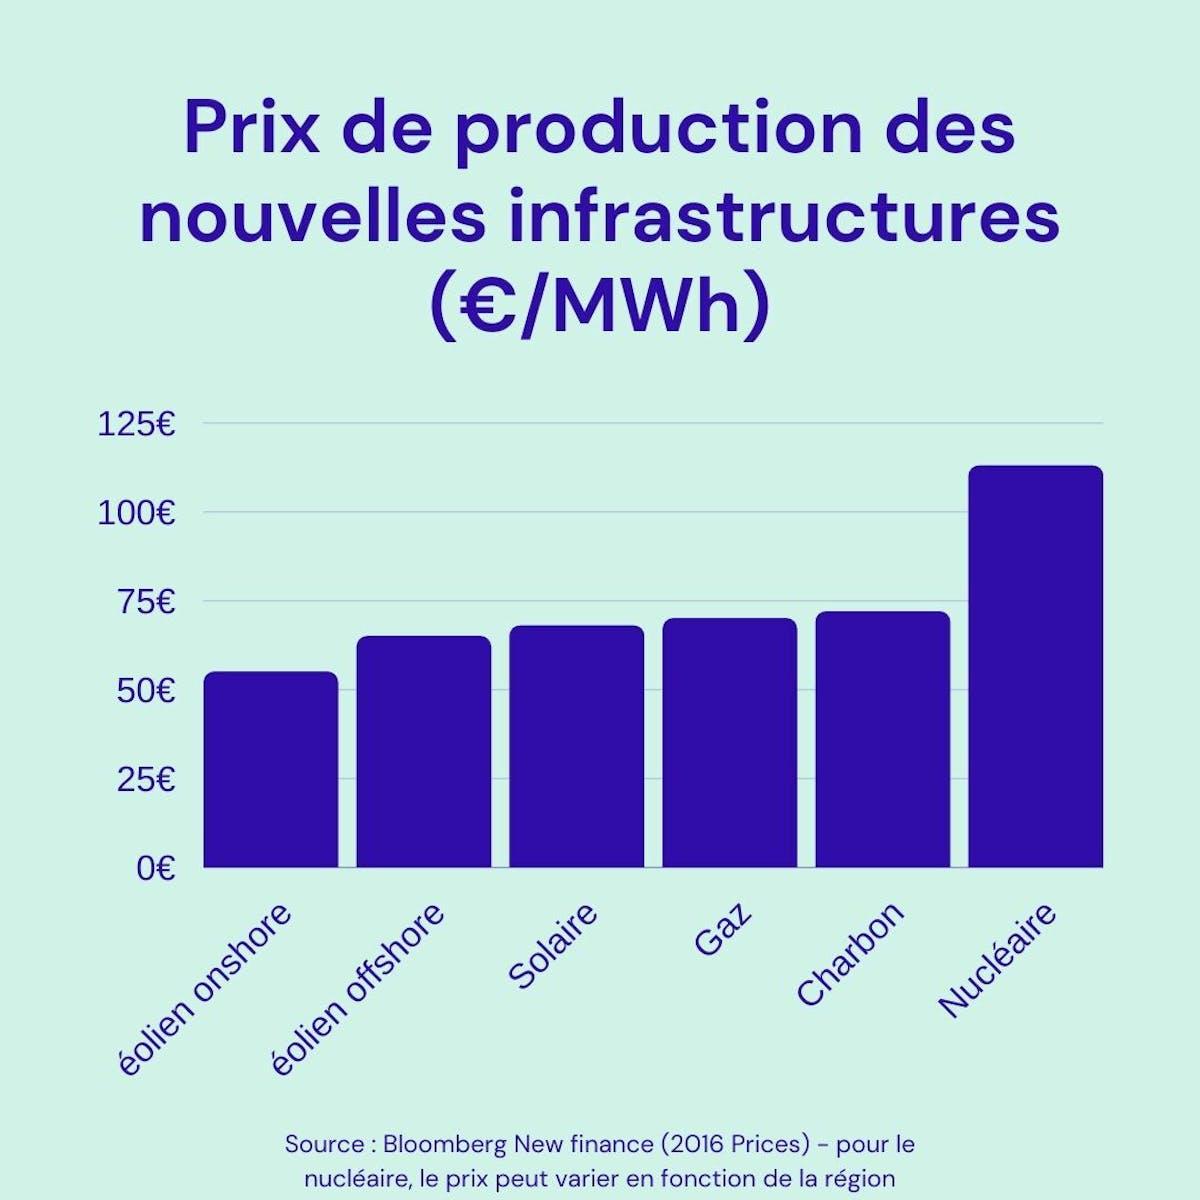 Prix de production des nouvelles infrastructures